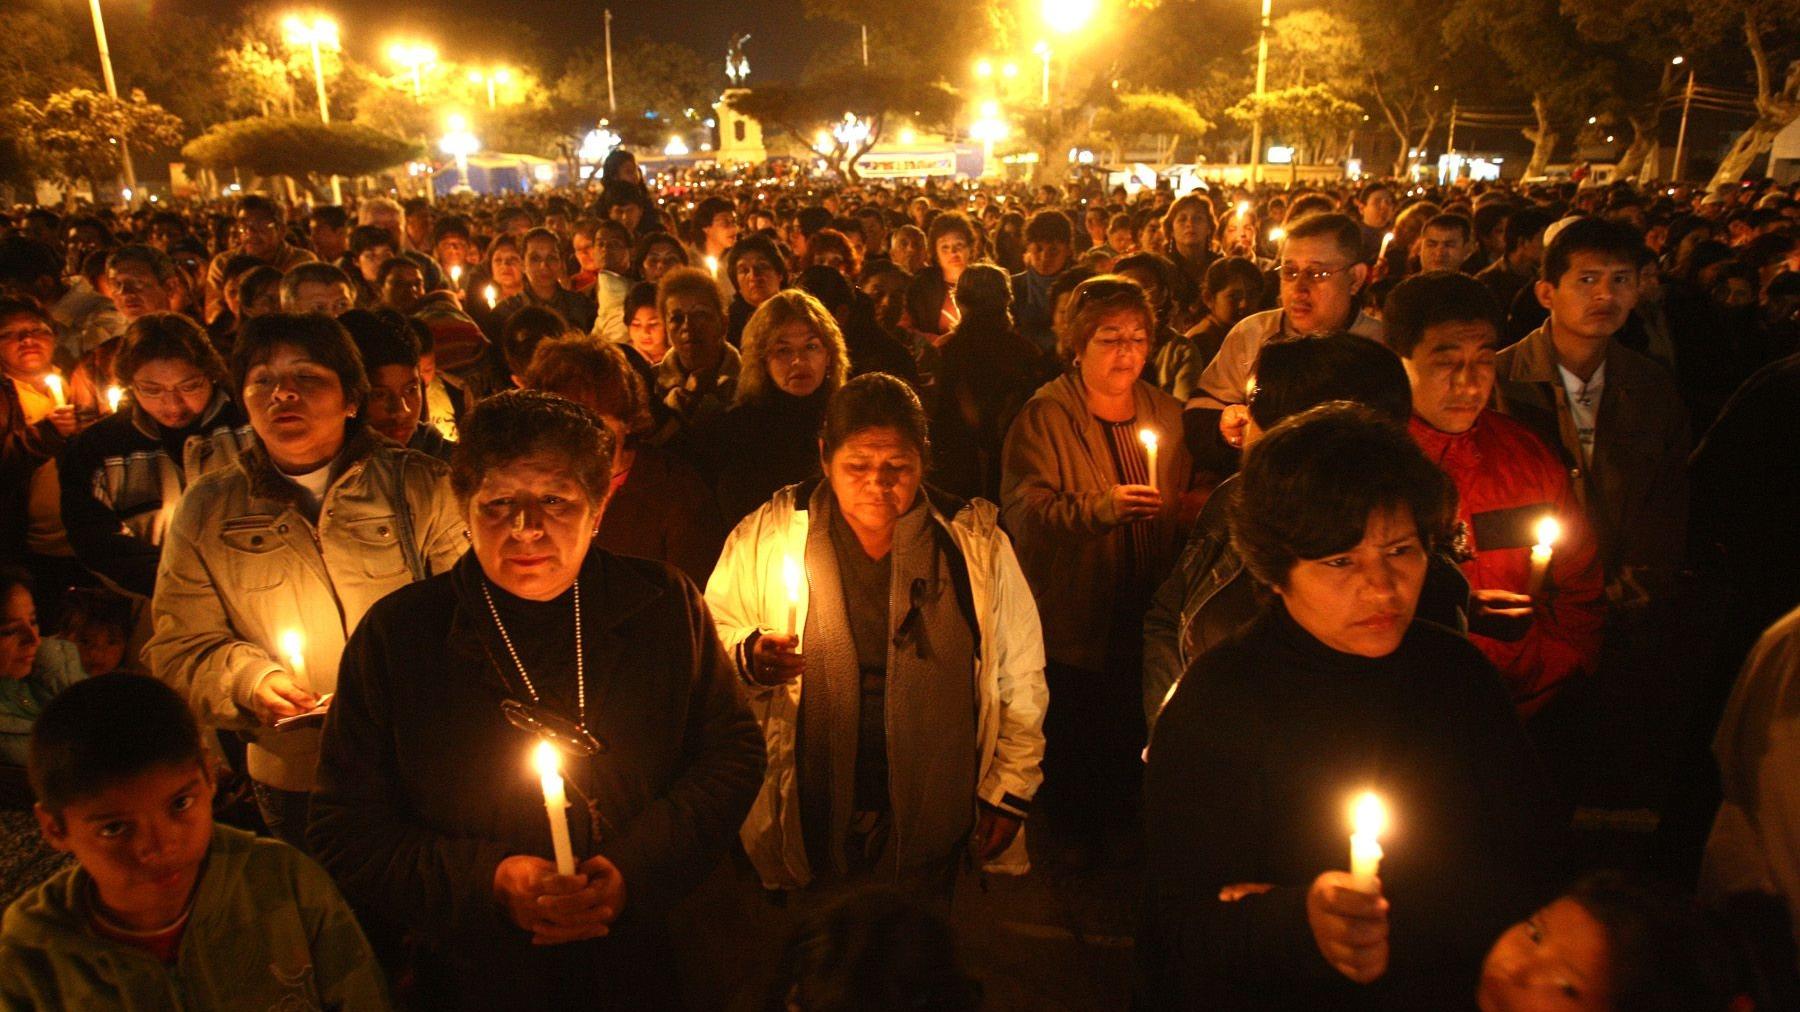 El terremoto, que tuvo su epicentro en Pisco, dejó cientos de muertos y miles de damnificados.